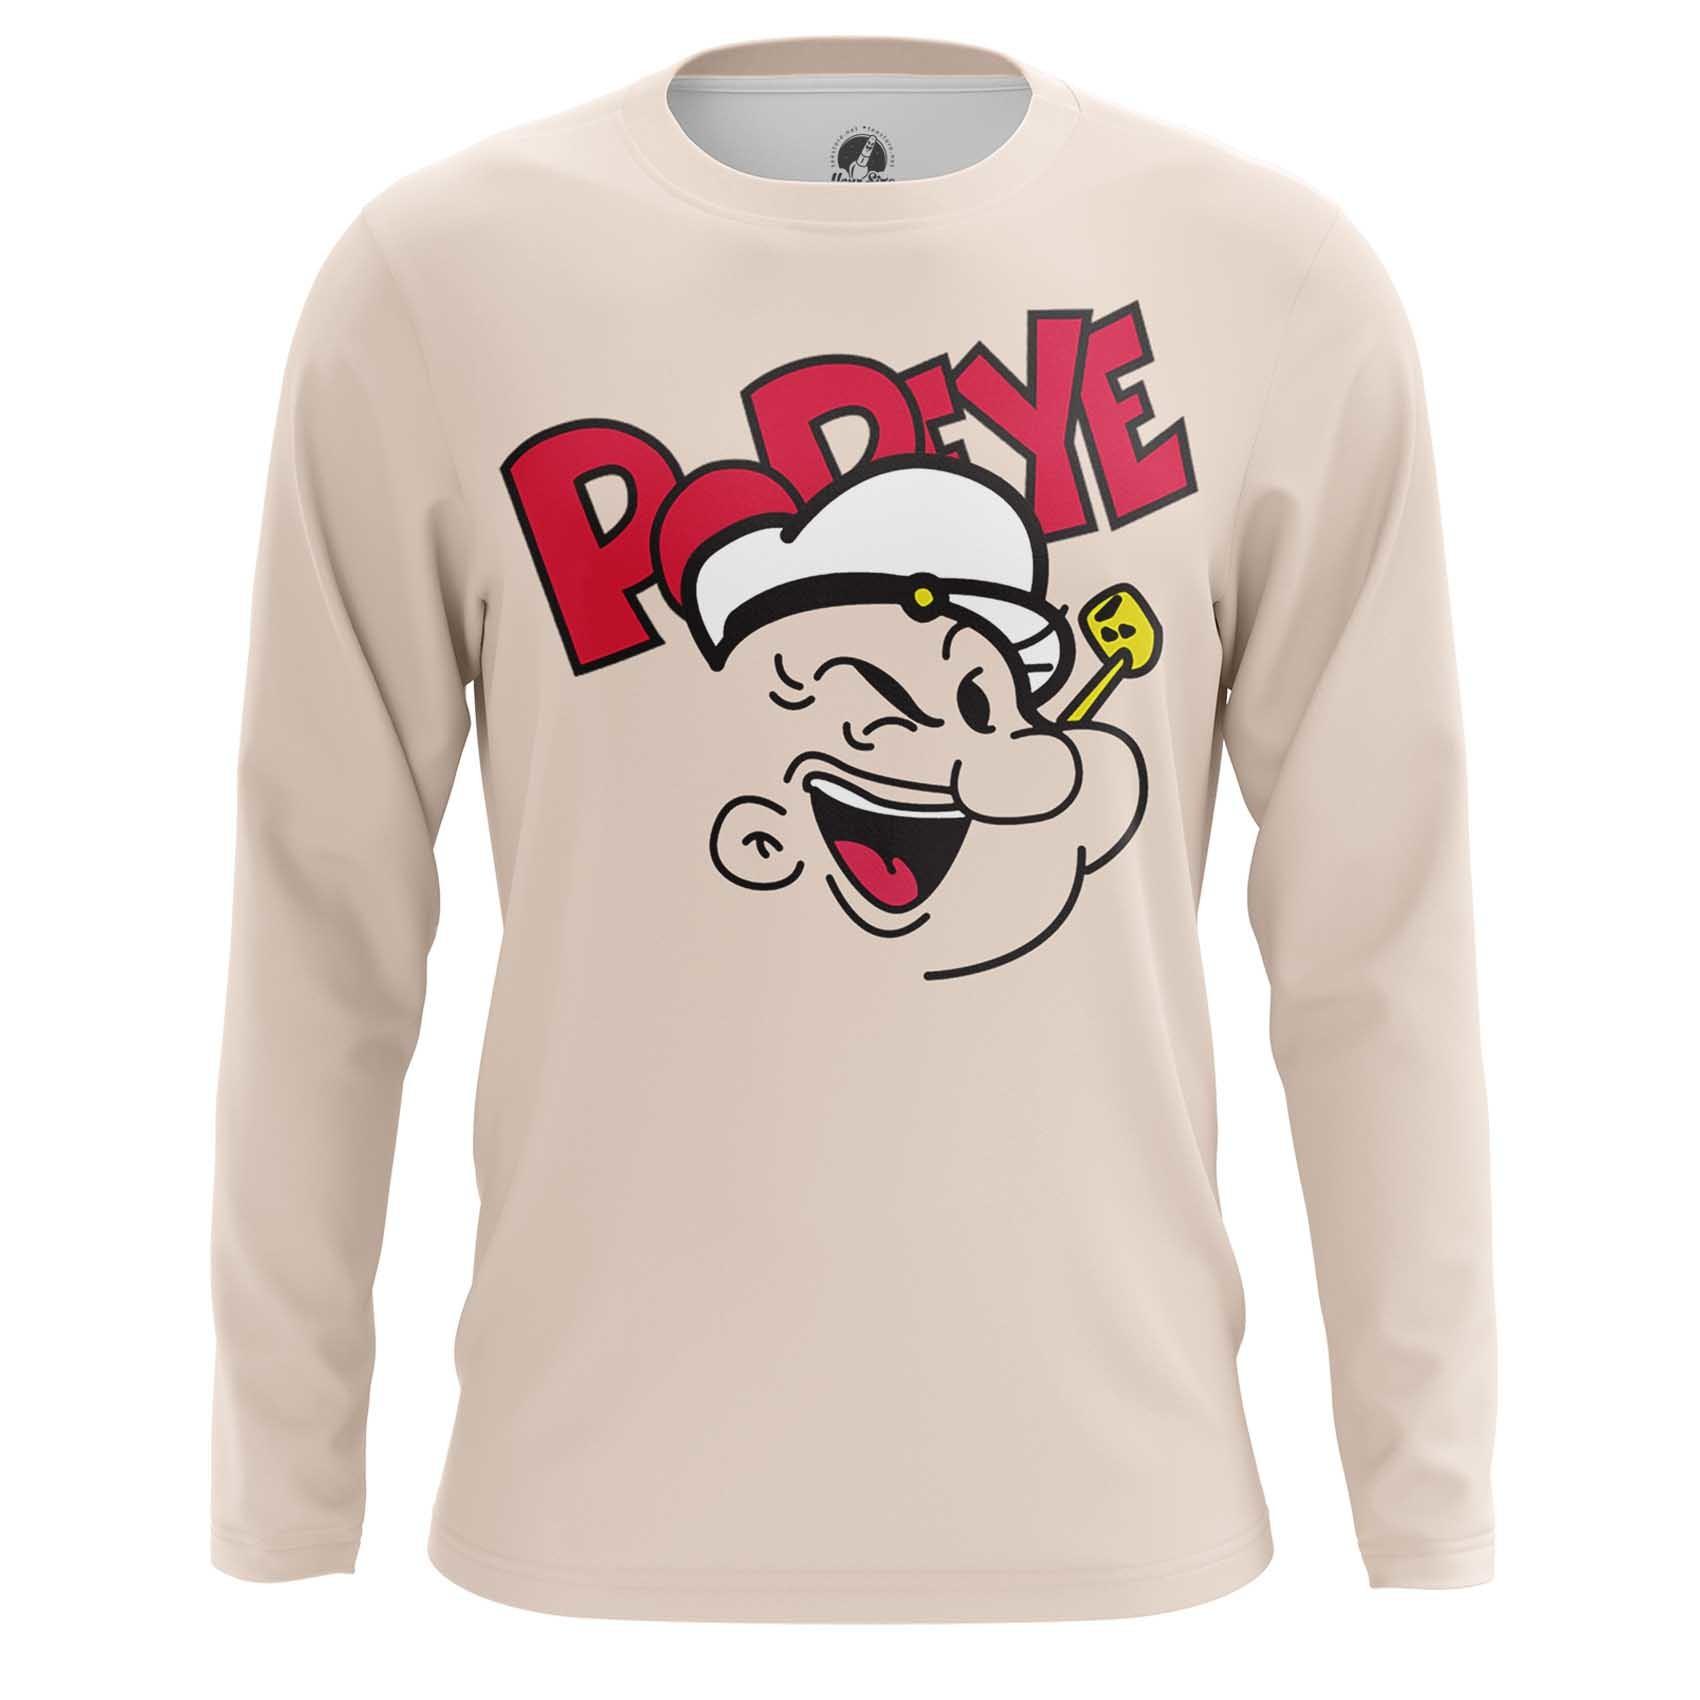 Merch Men'S T-Shirt Popeye Sailor Face Art